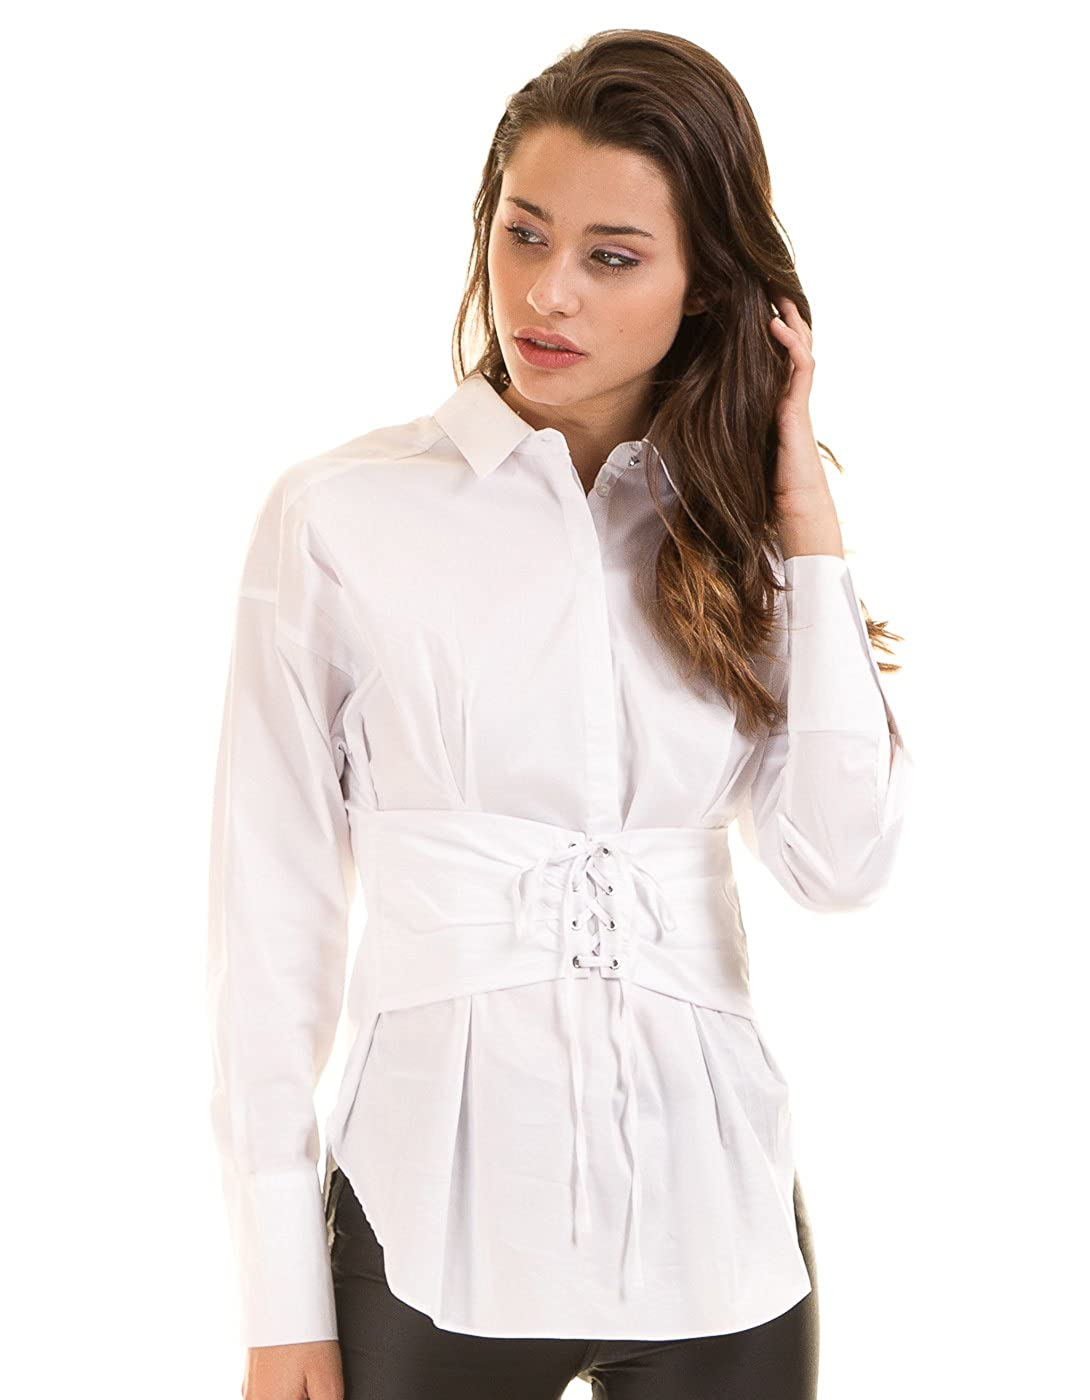 Morgan de Toi Camisa Blanca Popelina con fajín (Blanco - 40): Amazon.es: Ropa y accesorios